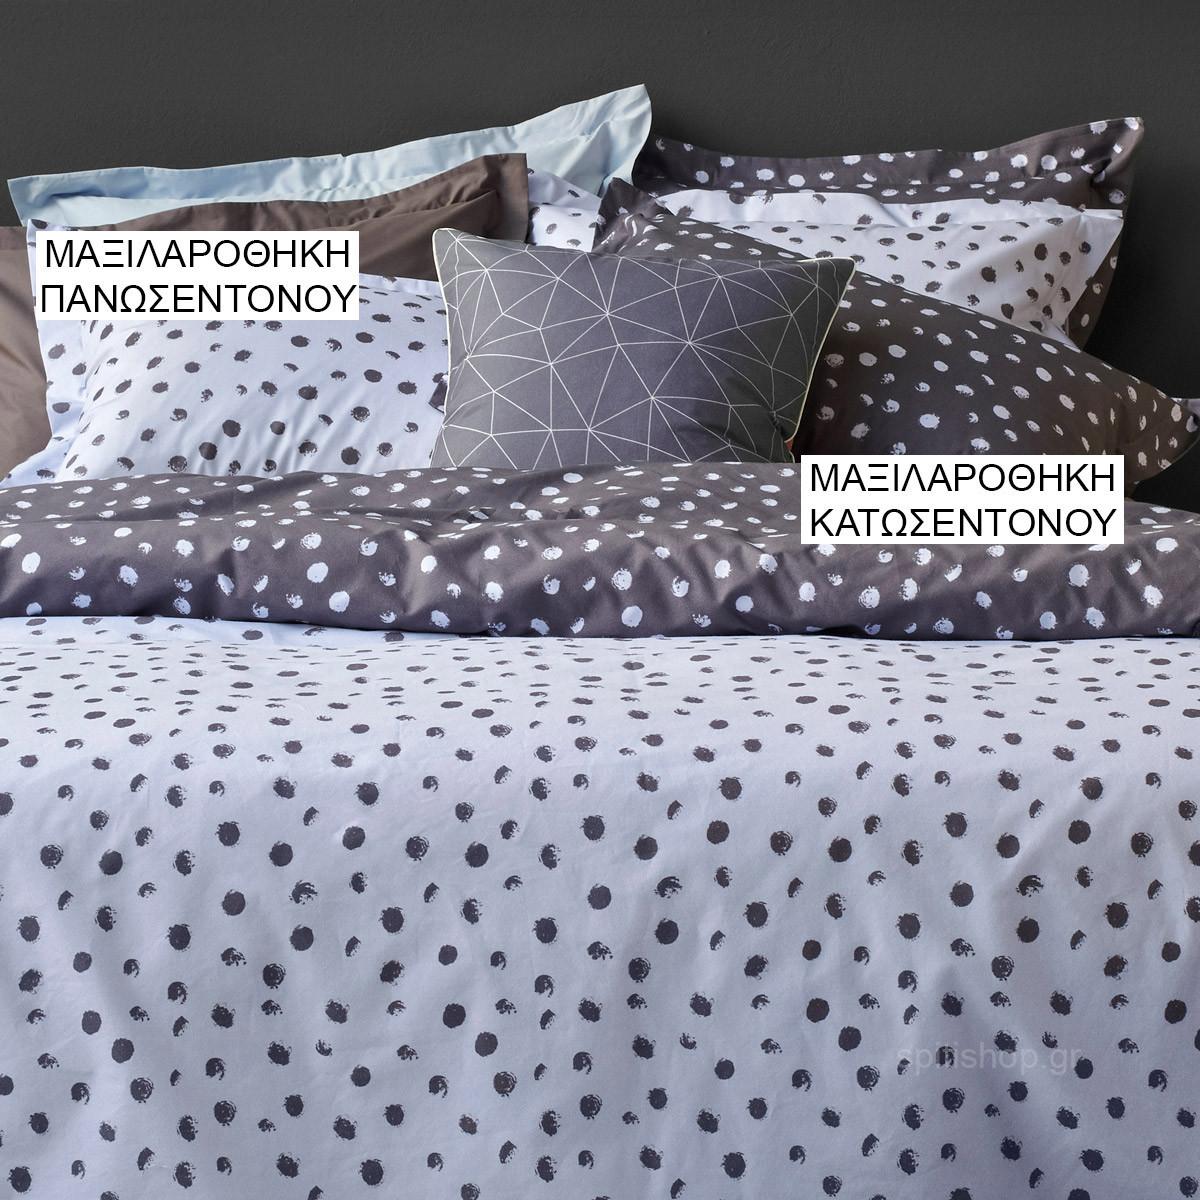 Ζεύγος Μαξιλαροθήκες Oxford Kentia Versus Flakes 38 home   κρεβατοκάμαρα   μαξιλάρια   μαξιλαροθήκες